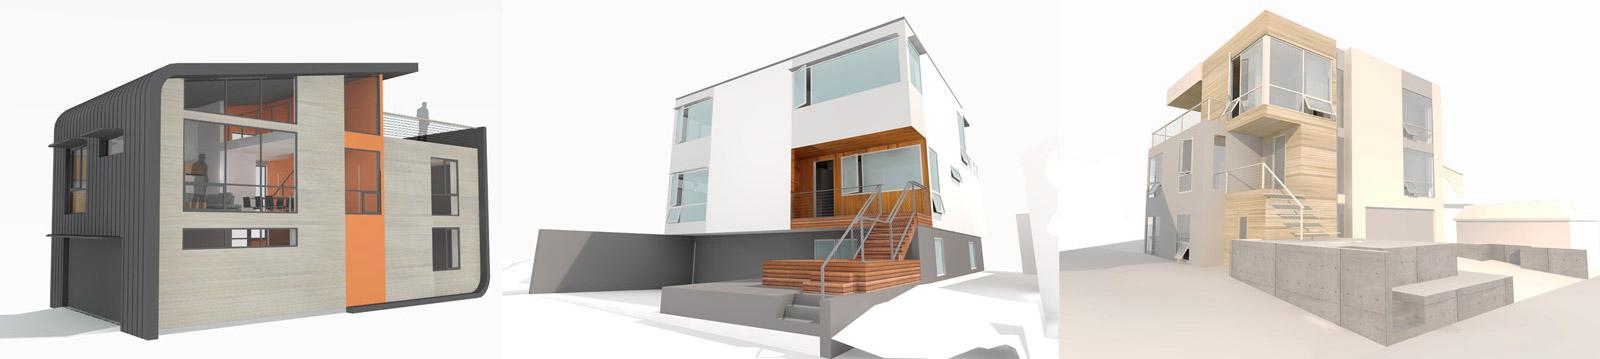 BUILD-LLC-CSH-composite